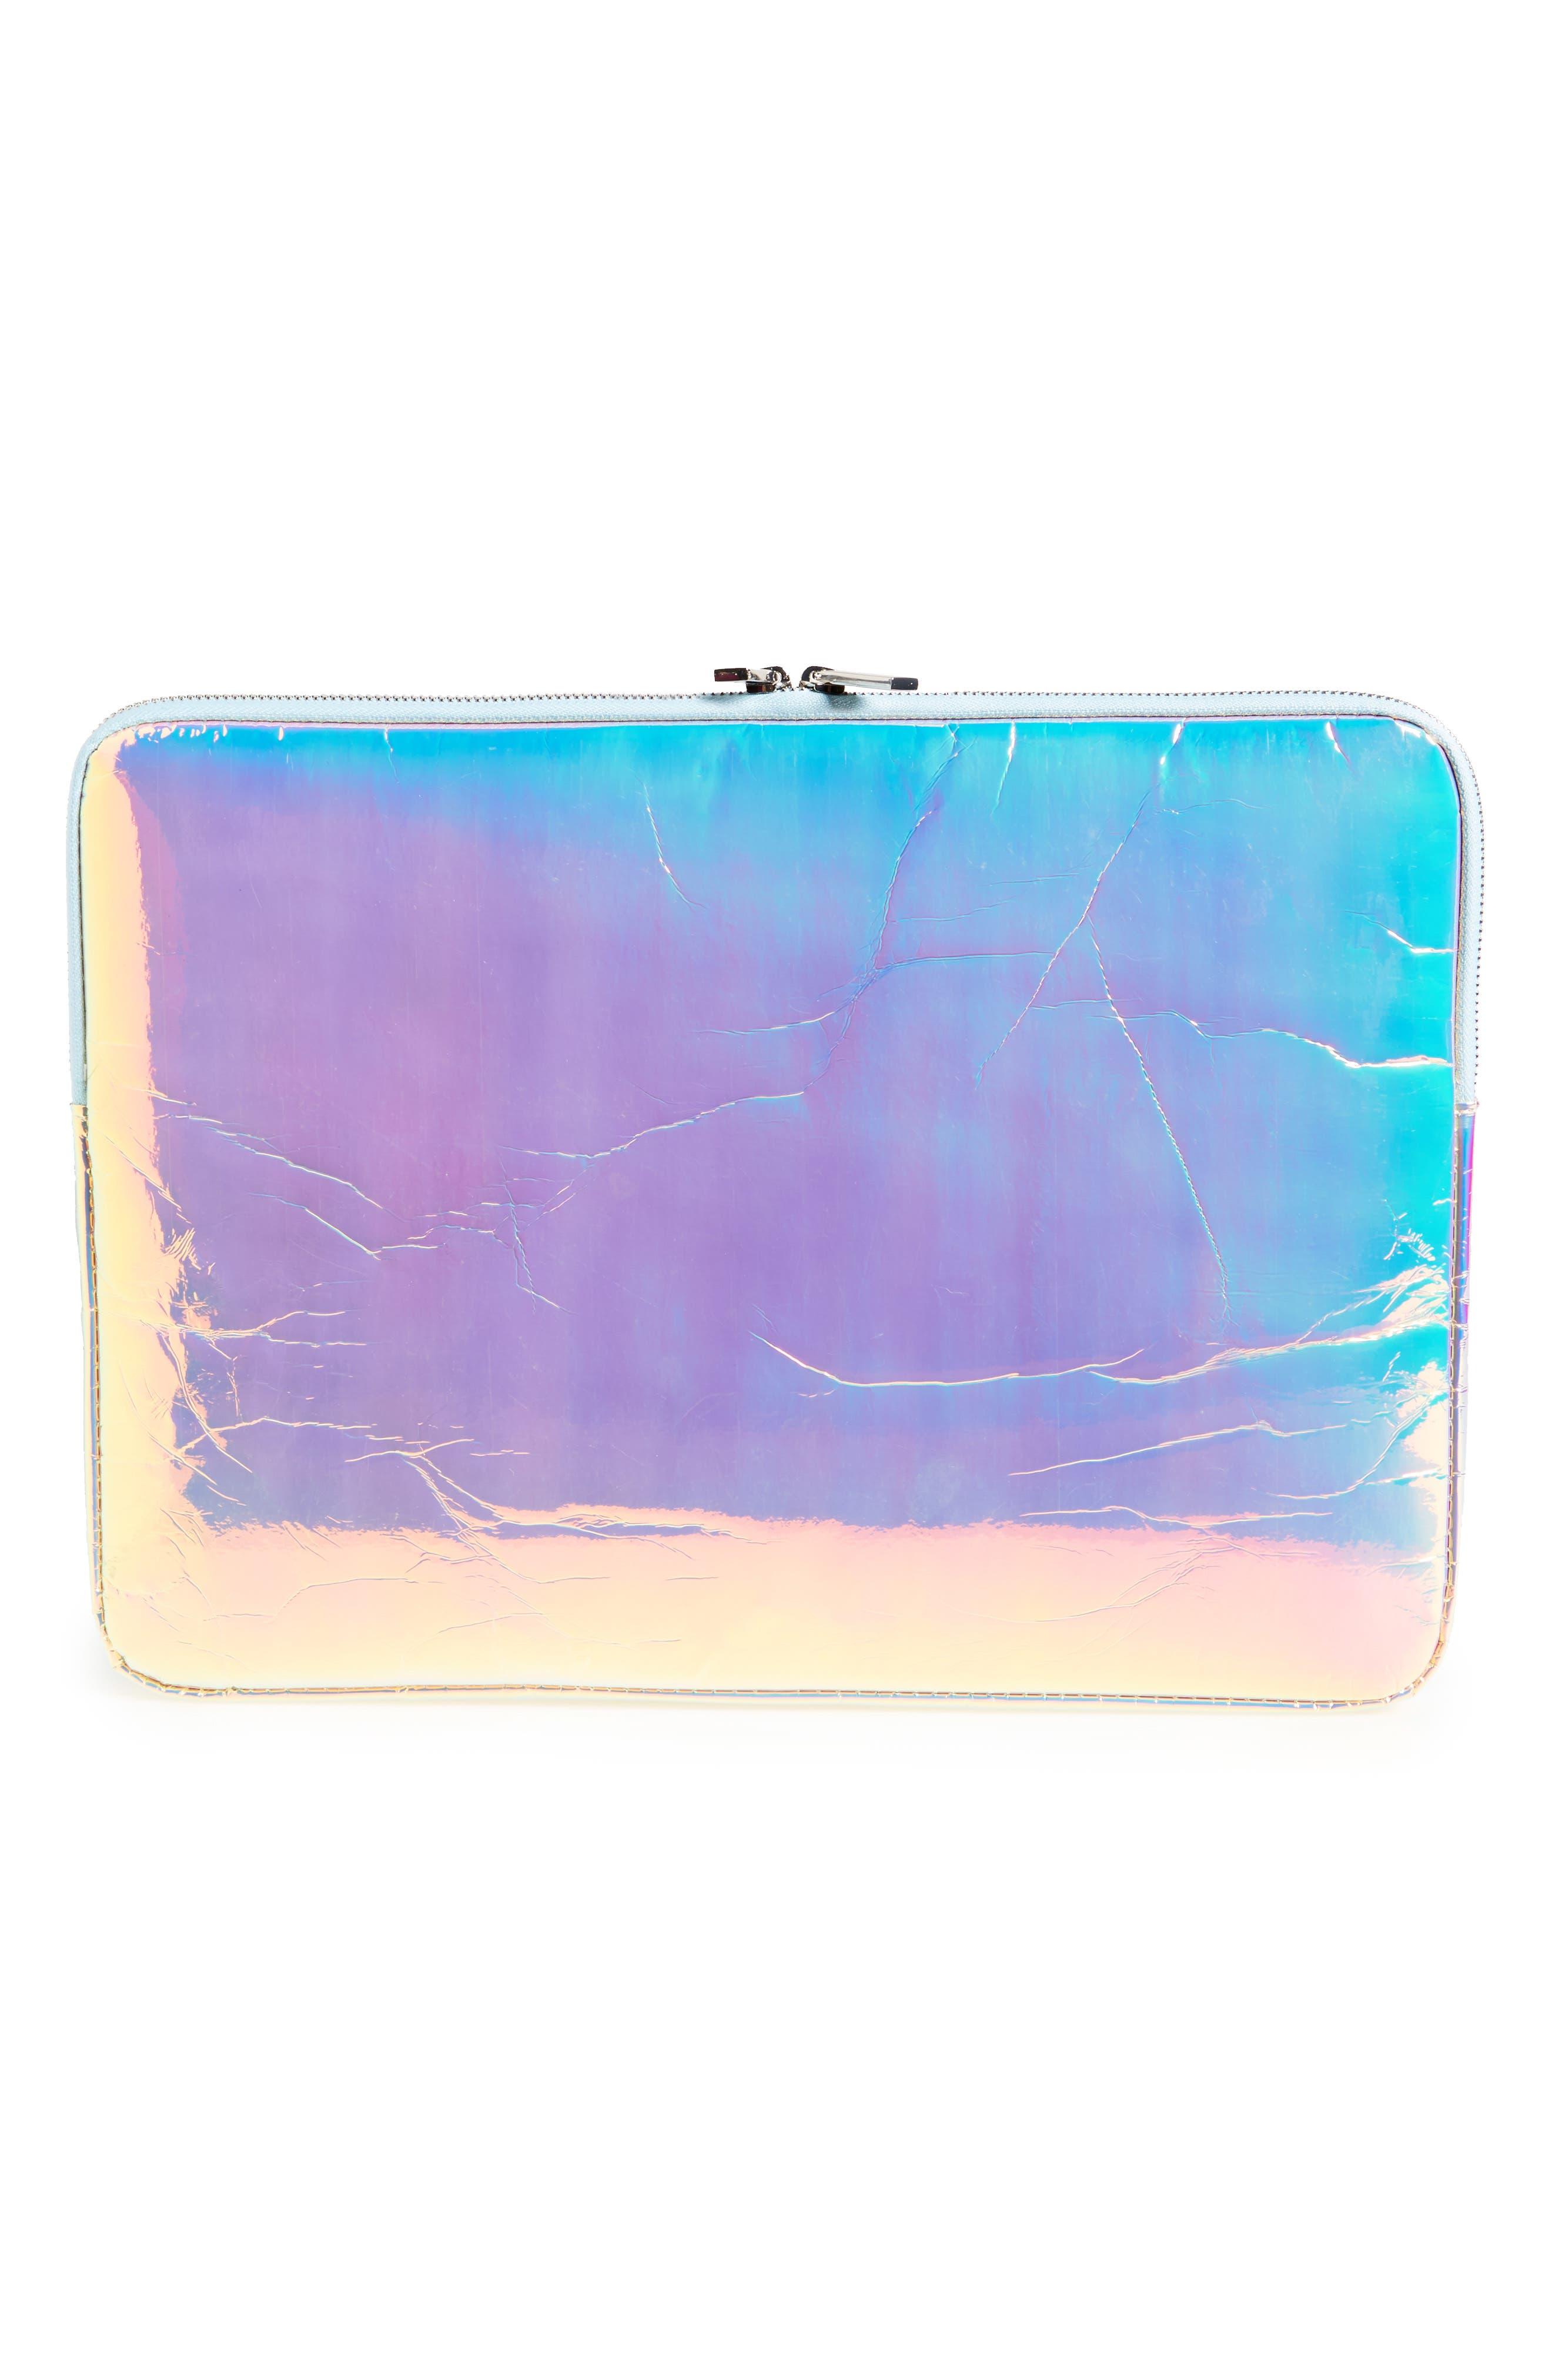 Alternate Image 1 Selected - Skinnydip Ocean 15-Inch Laptop Sleeve